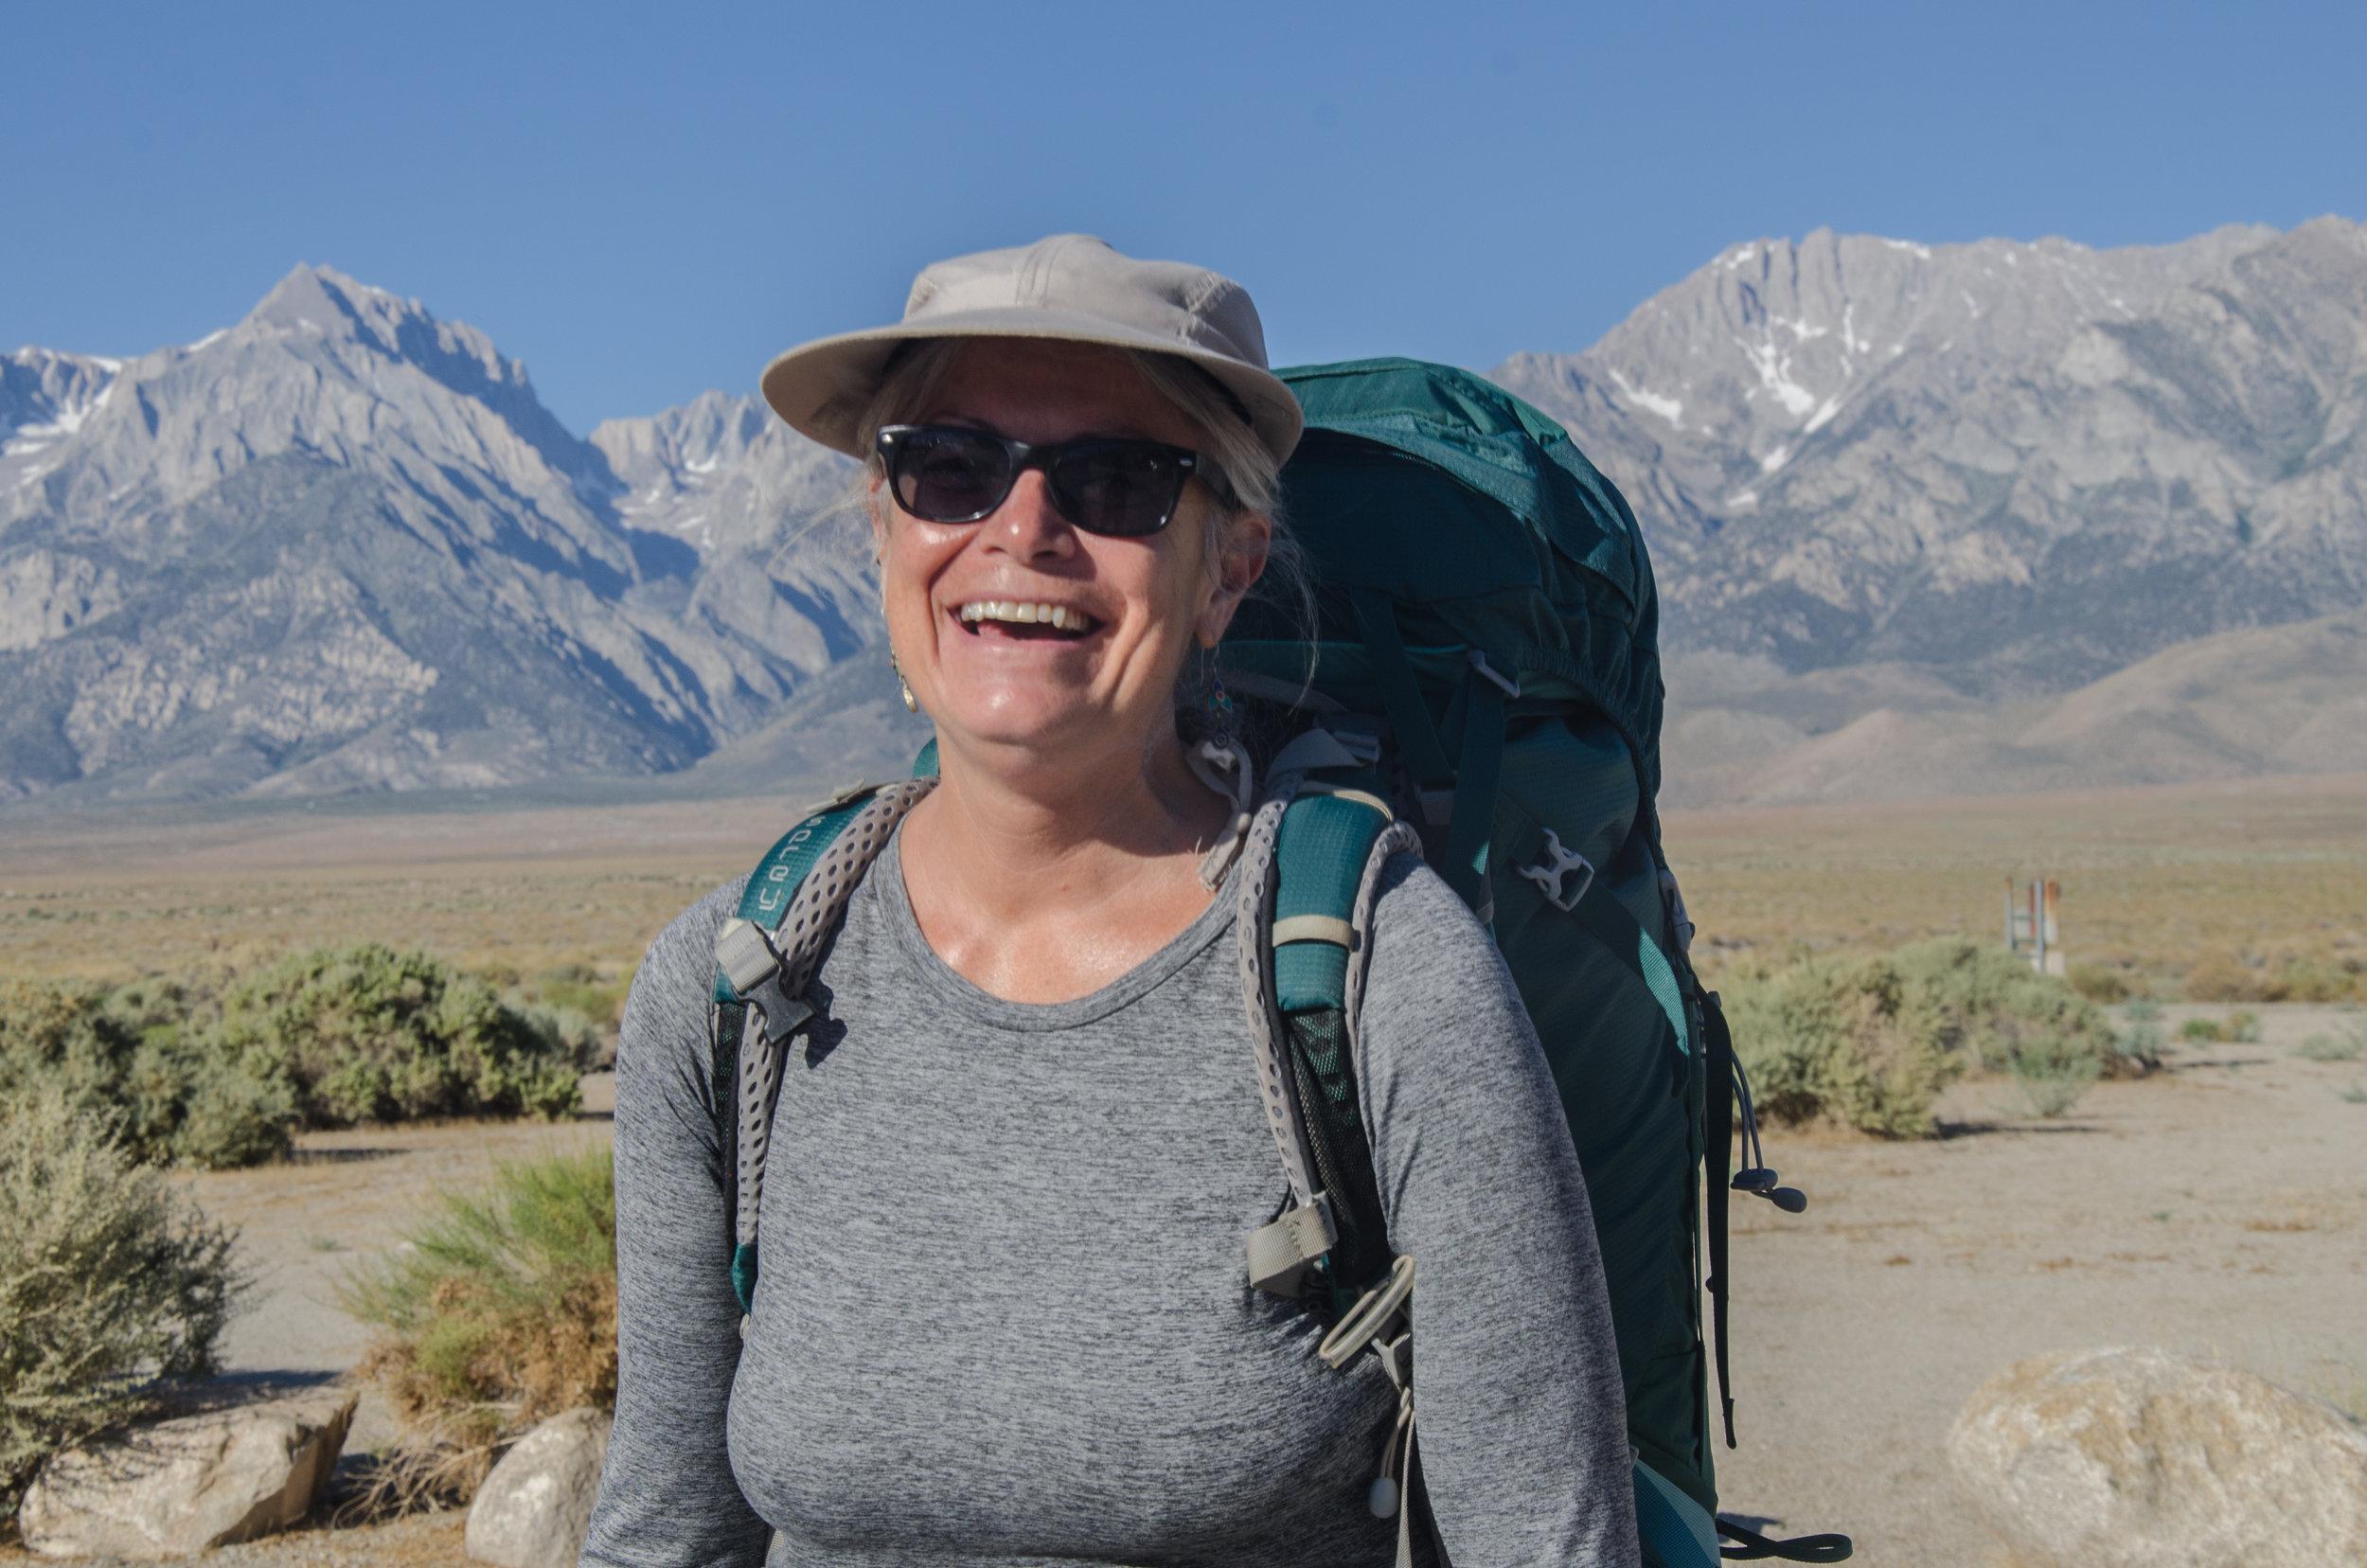 JMT Hiker Lori